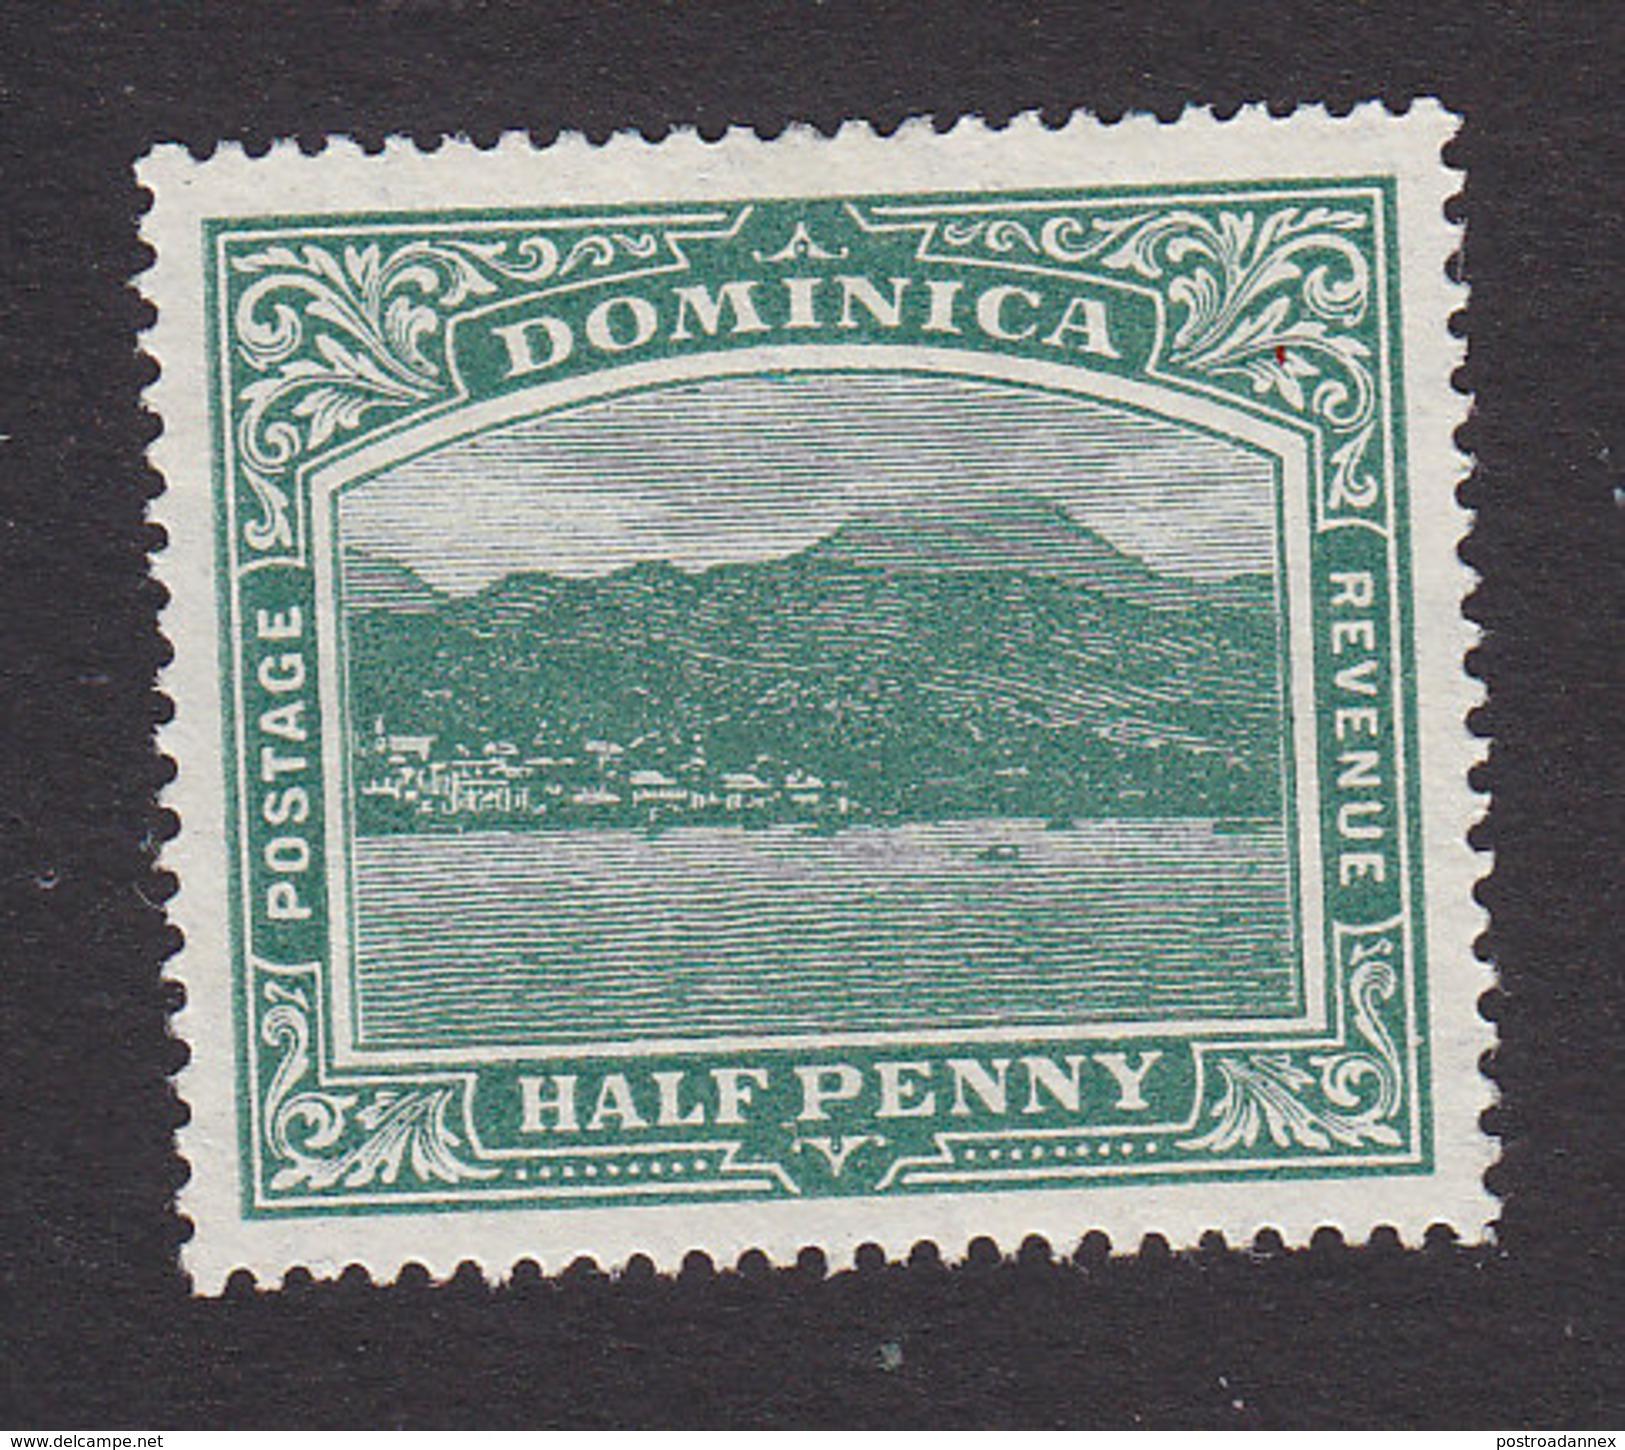 Dominica, Scott #50, Mint No Gum, Roseau Capital Of Dominica, Issued 1908 - Dominica (...-1978)